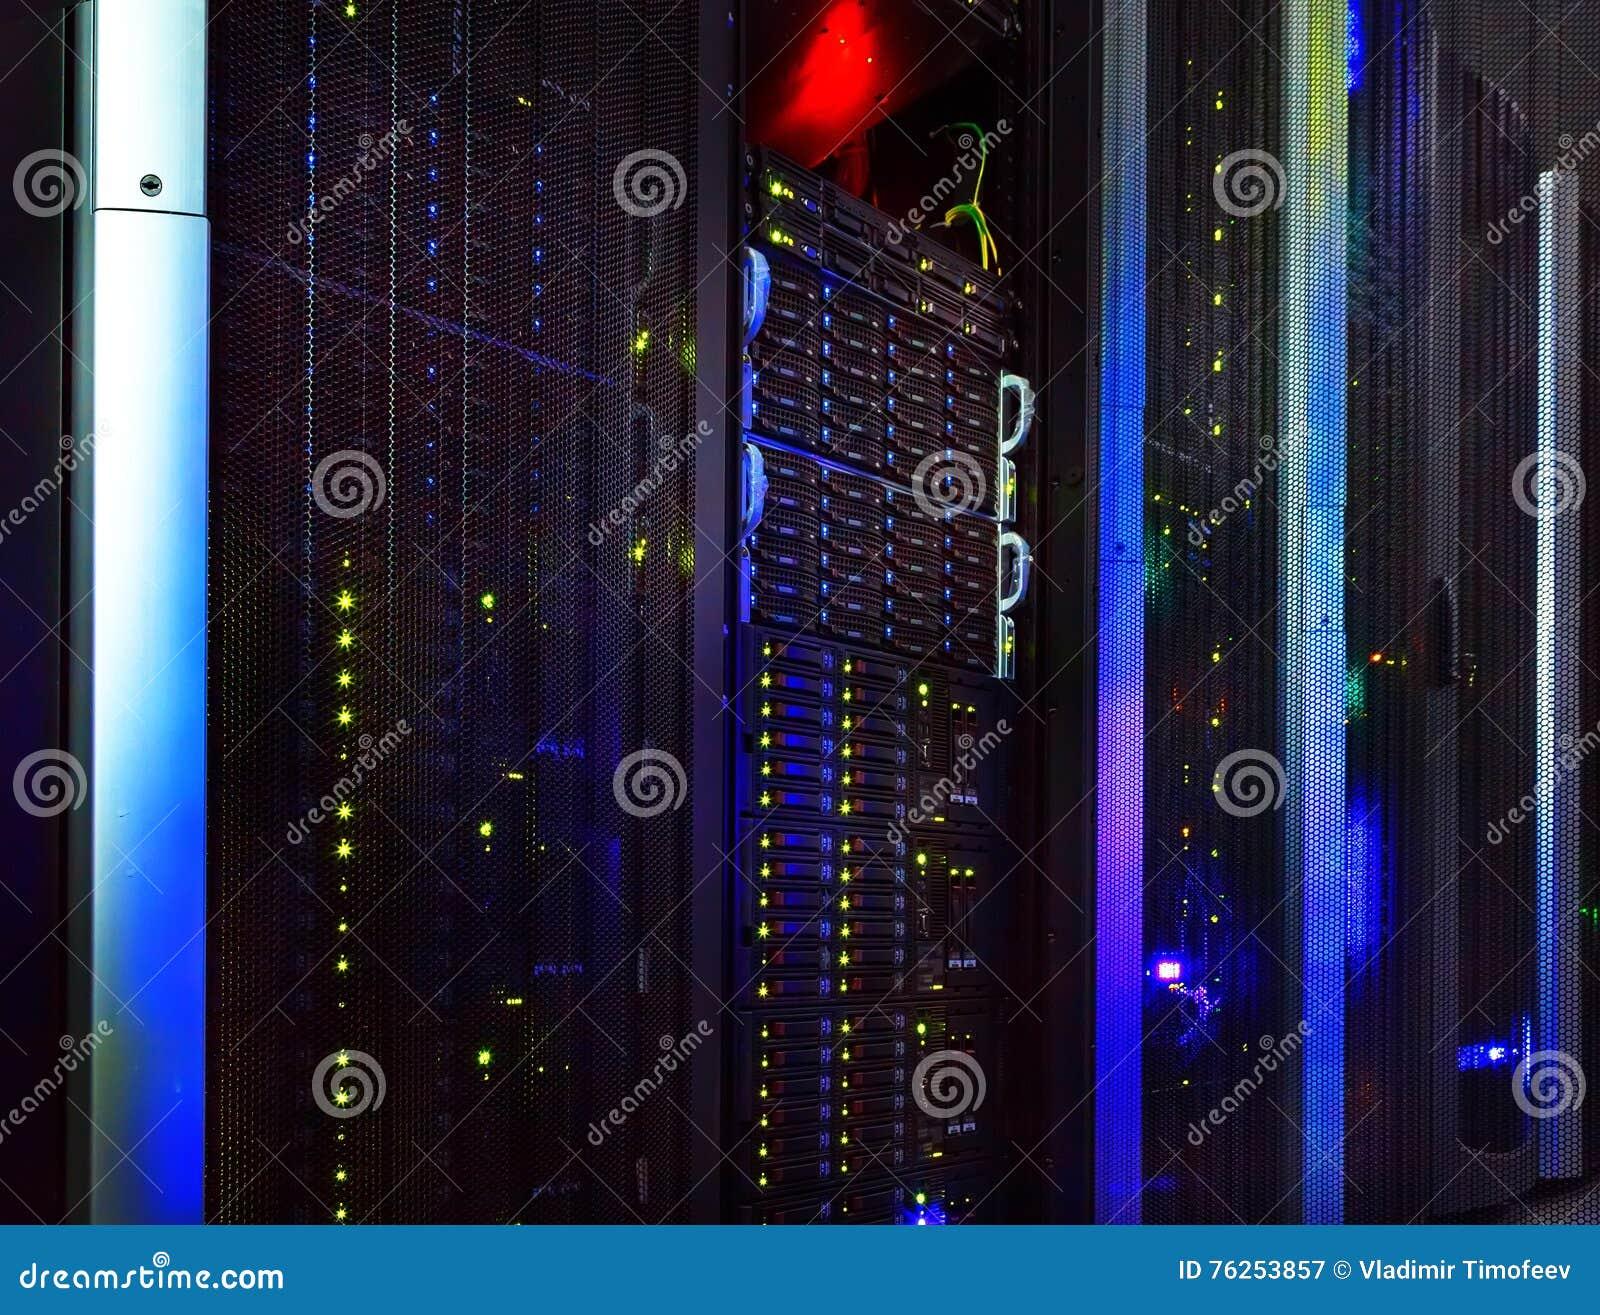 La vista fantastica dell elaboratore centrale nel centro dati rema